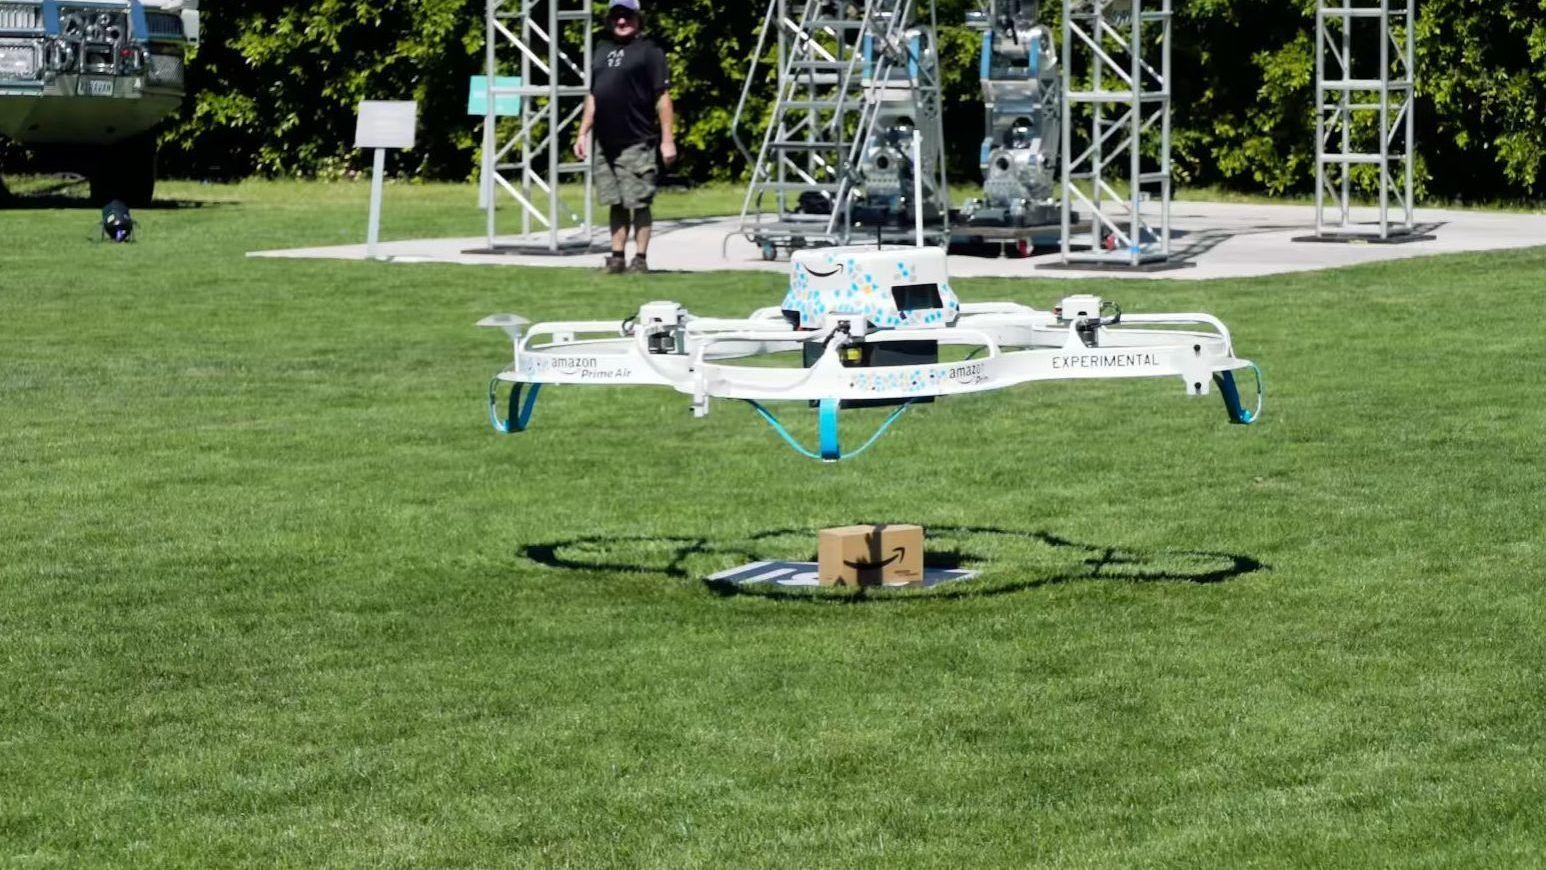 Her leverer Amazon sin første pakke med drone